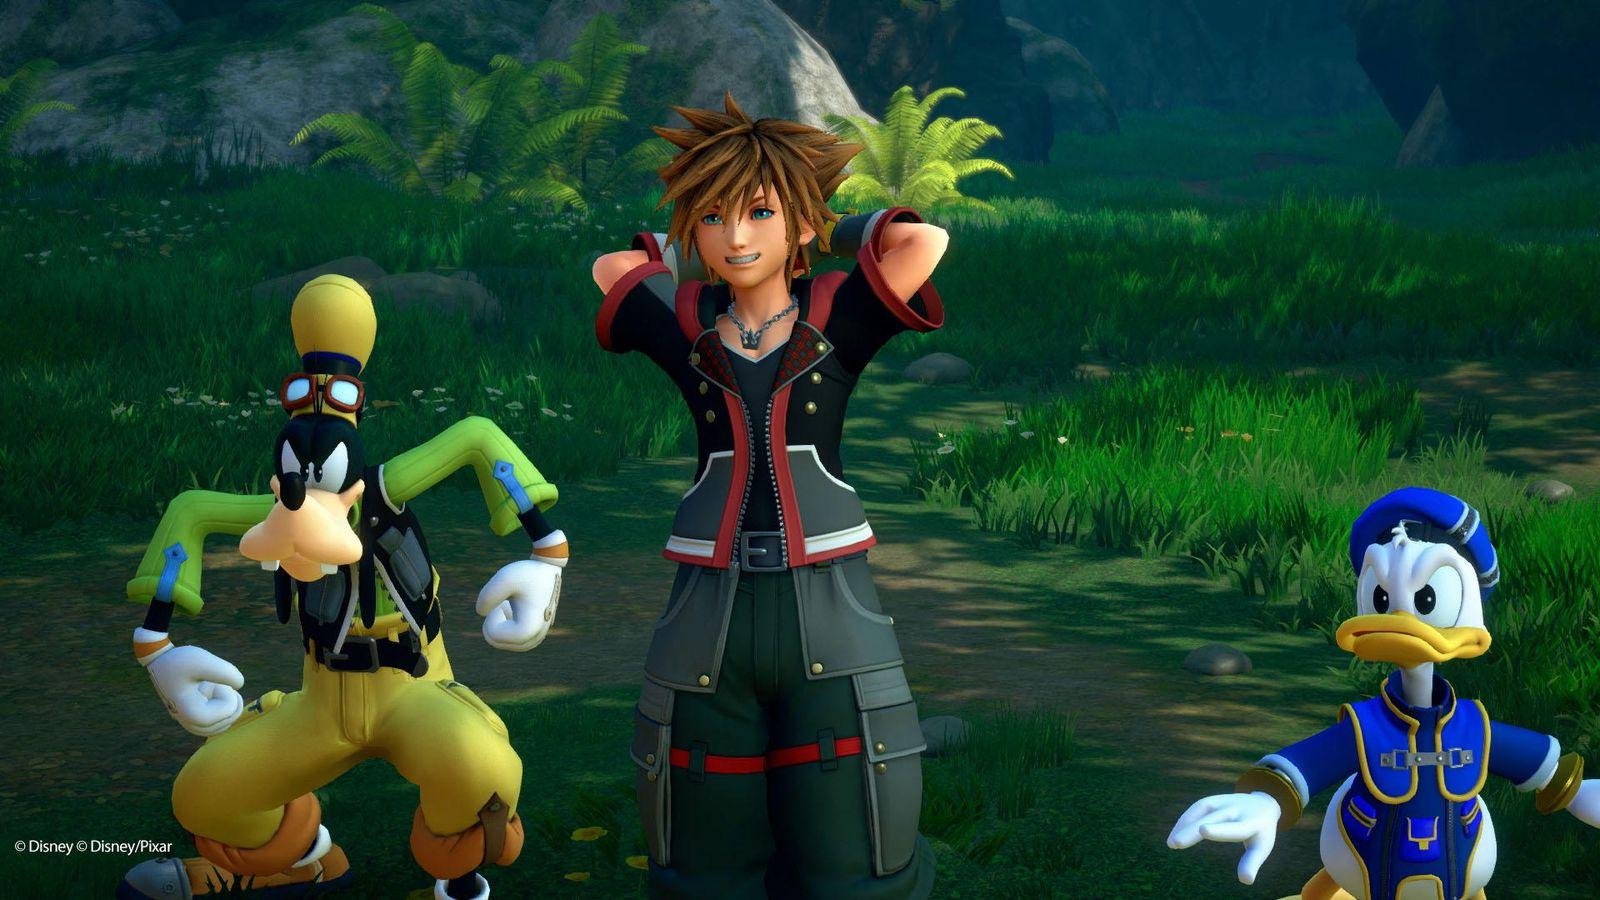 Kingdom Hearts 3 Main Story Length